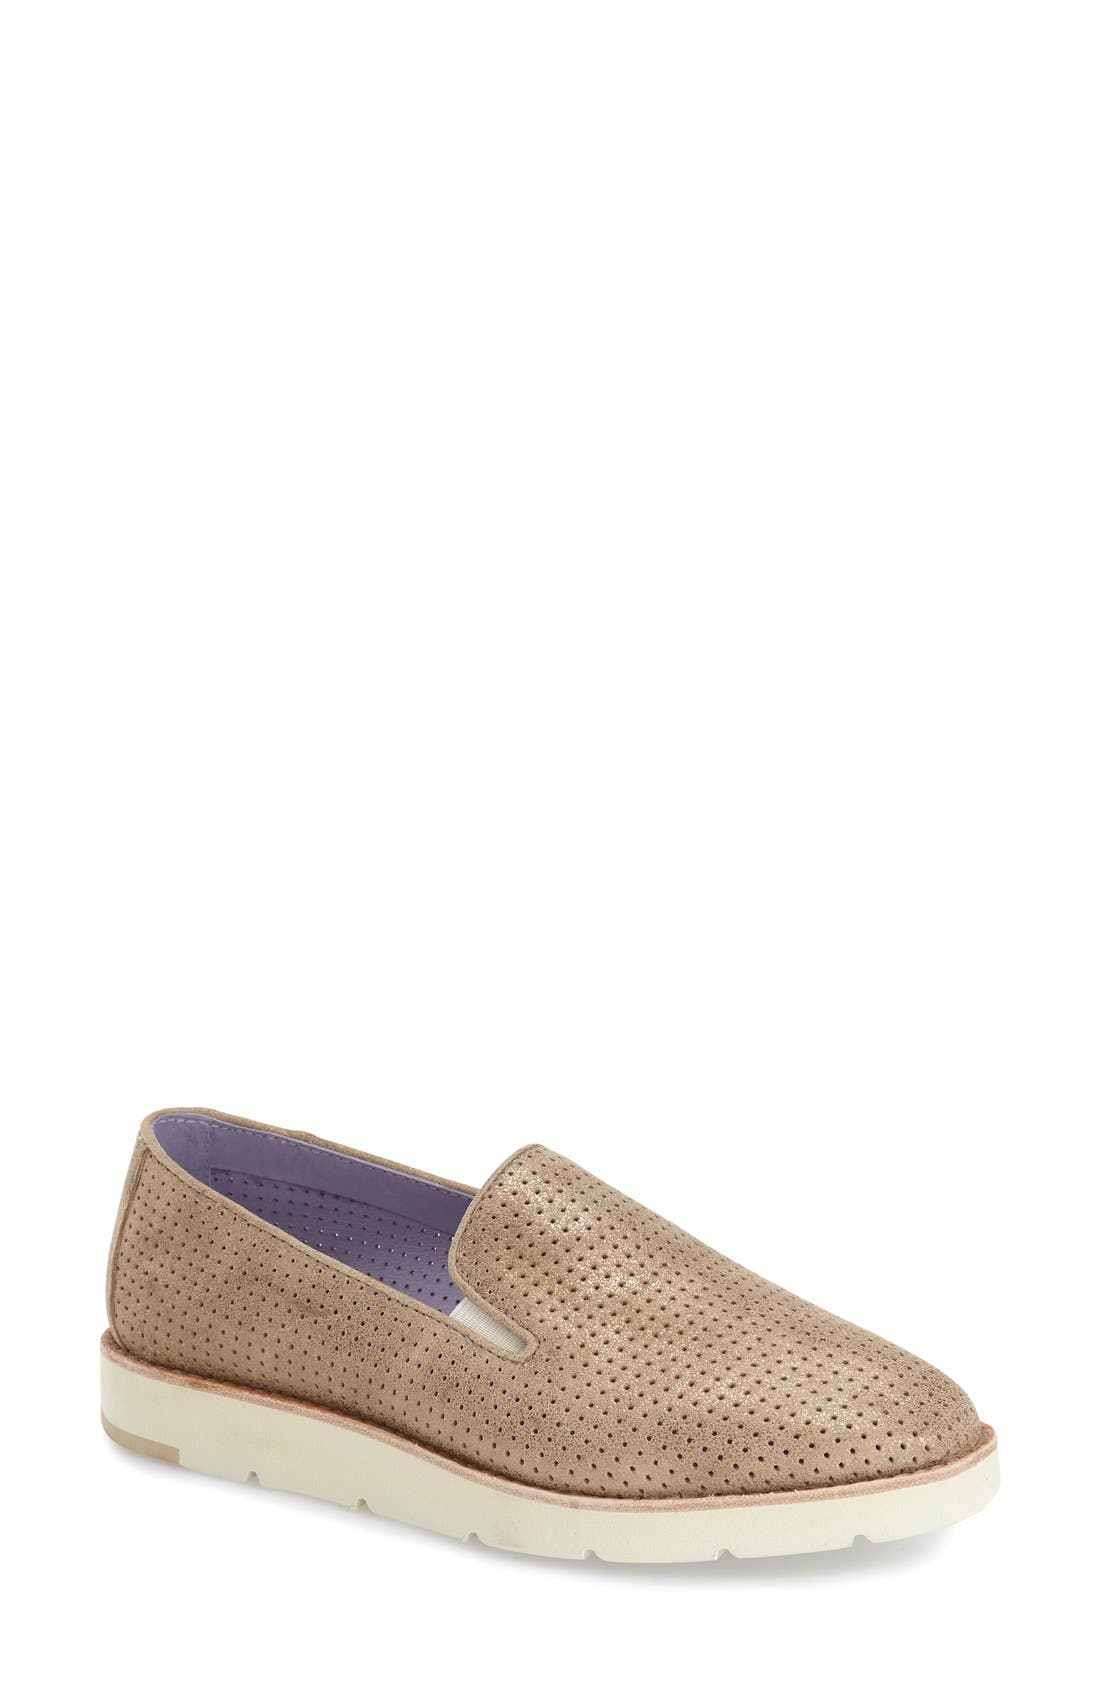 'Paulette' Slip-On Sneaker,                         Main,                         color, Gold